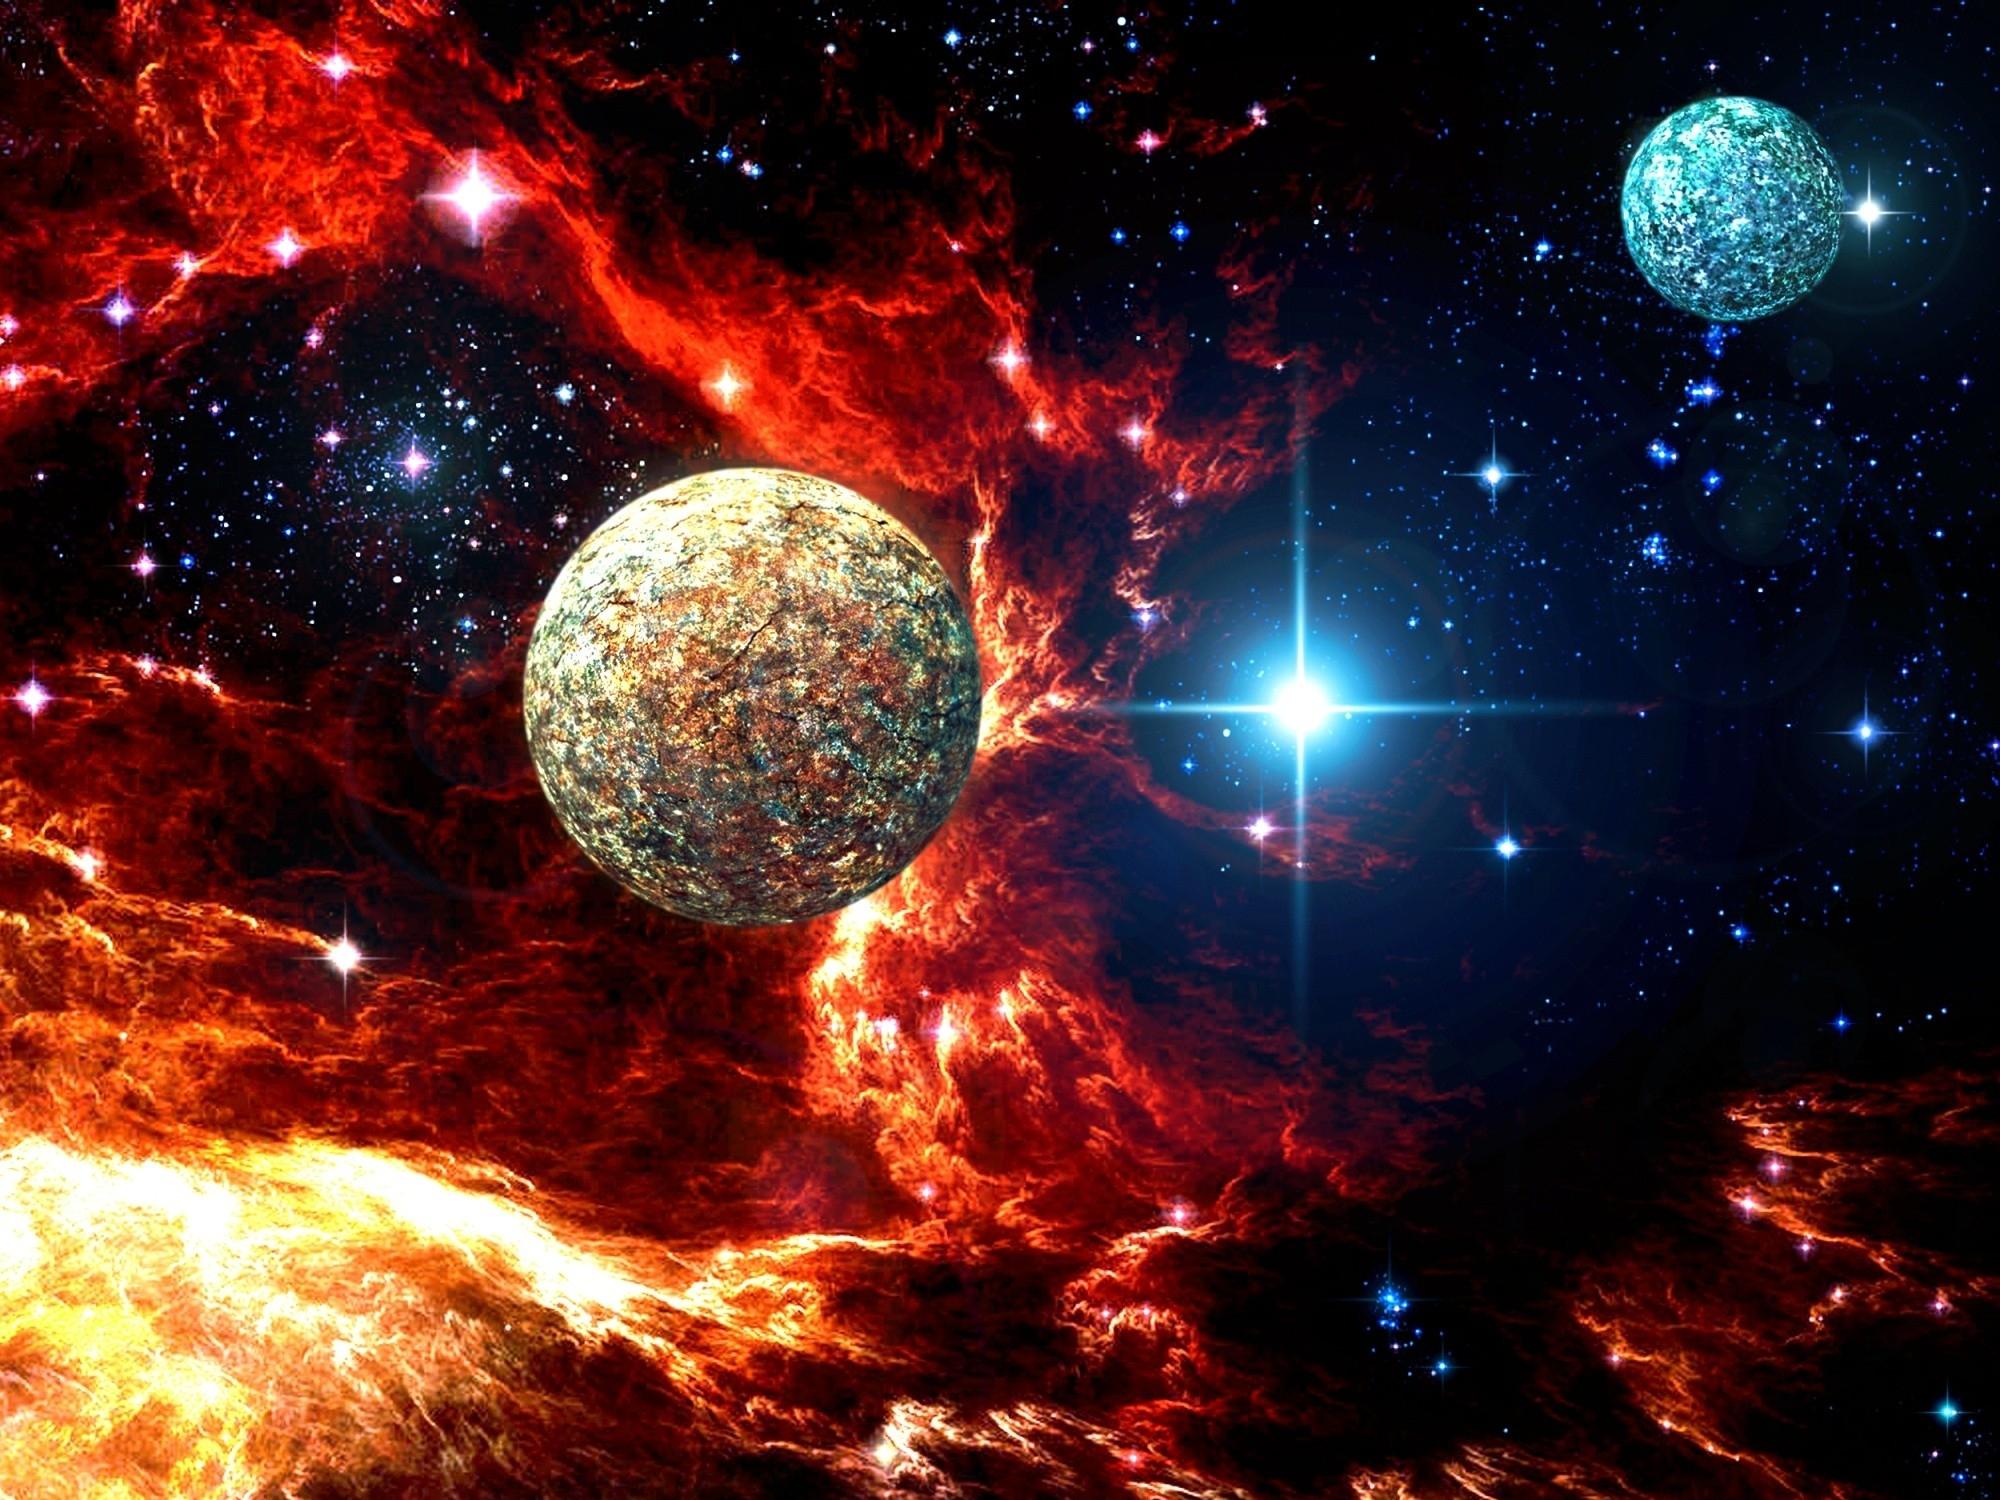 картинки звезд планет расположен очень удобно